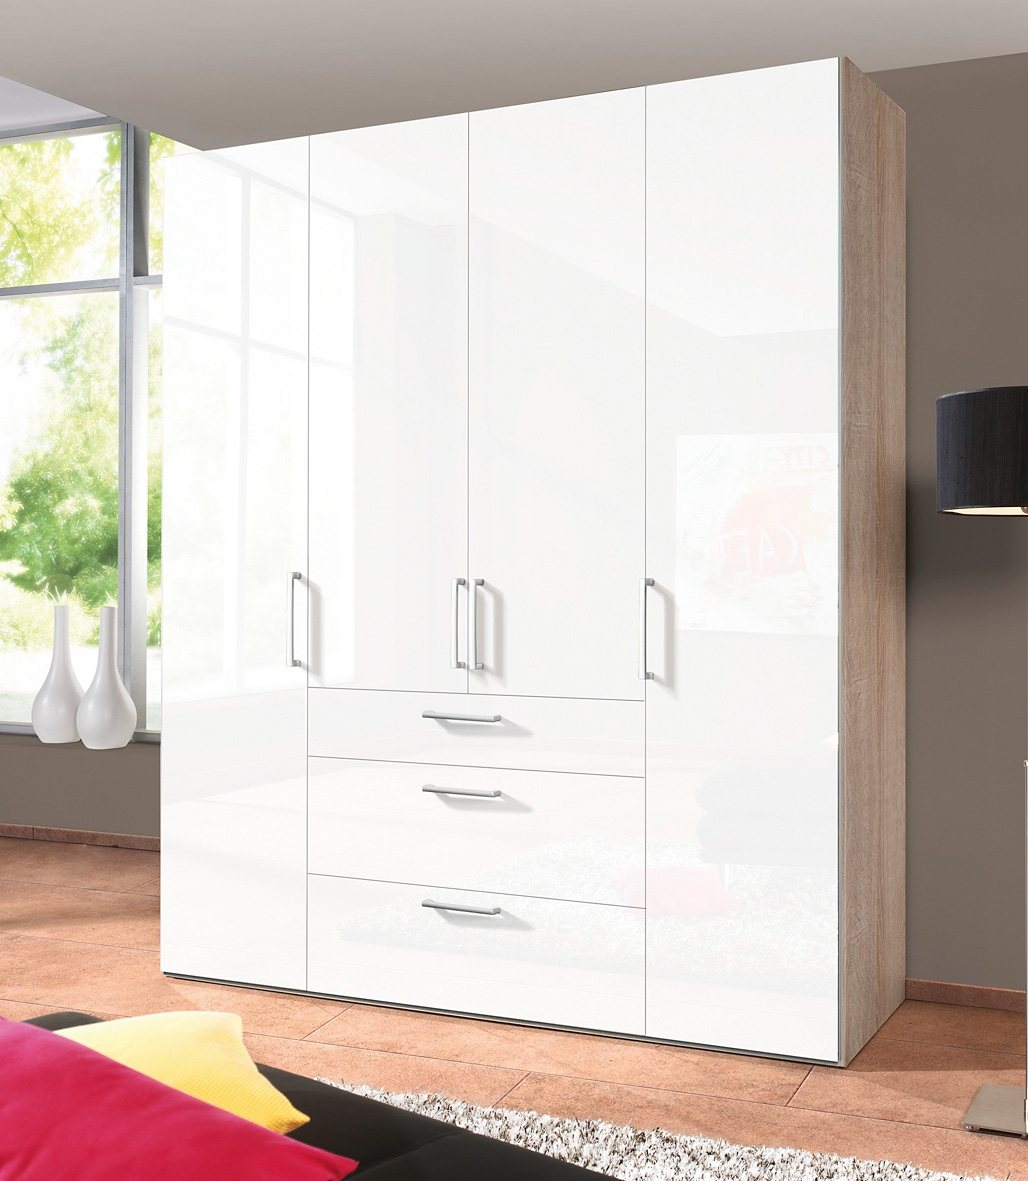 Express Solutions Kleiderschrank | Schlafzimmer > Kleiderschränke > Drehtürenschränke | Hochglanz - Matt - Weiß | Hochglanz - Metall | Express Solutions